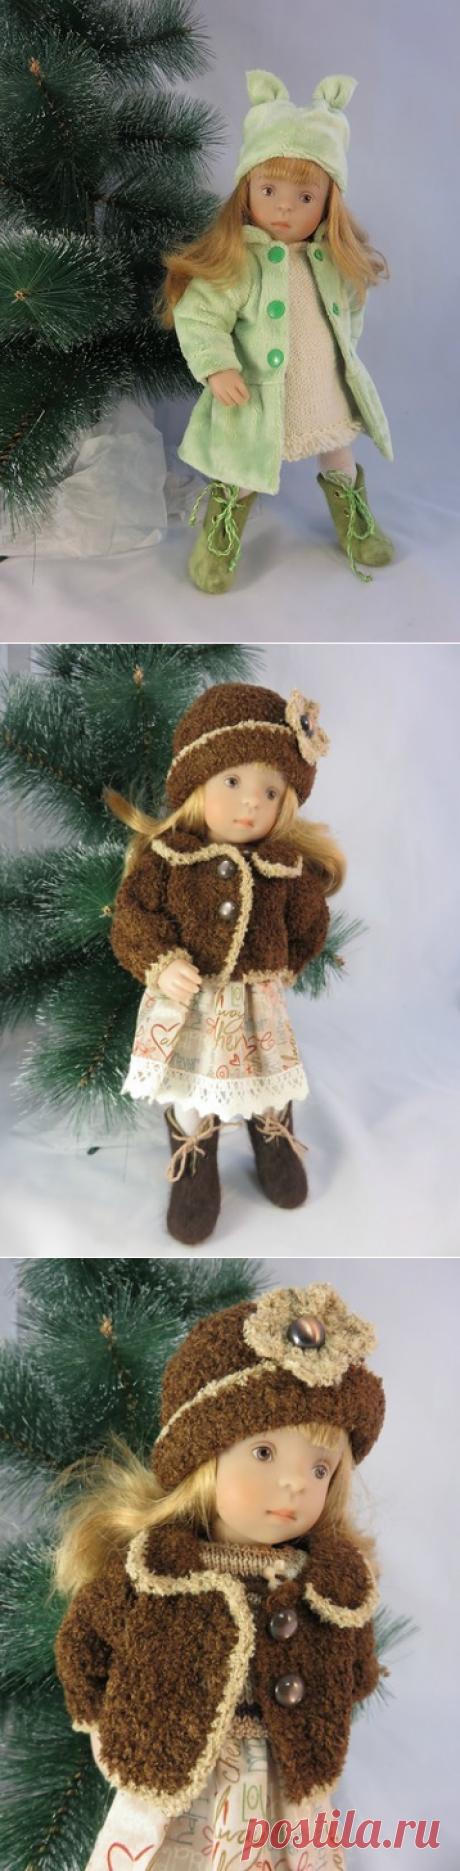 """Распродажа!!! Зима для Minouche и К"""" / Одежда для кукол / Шопик. Продать купить куклу / Бэйбики. Куклы фото. Одежда для кукол"""